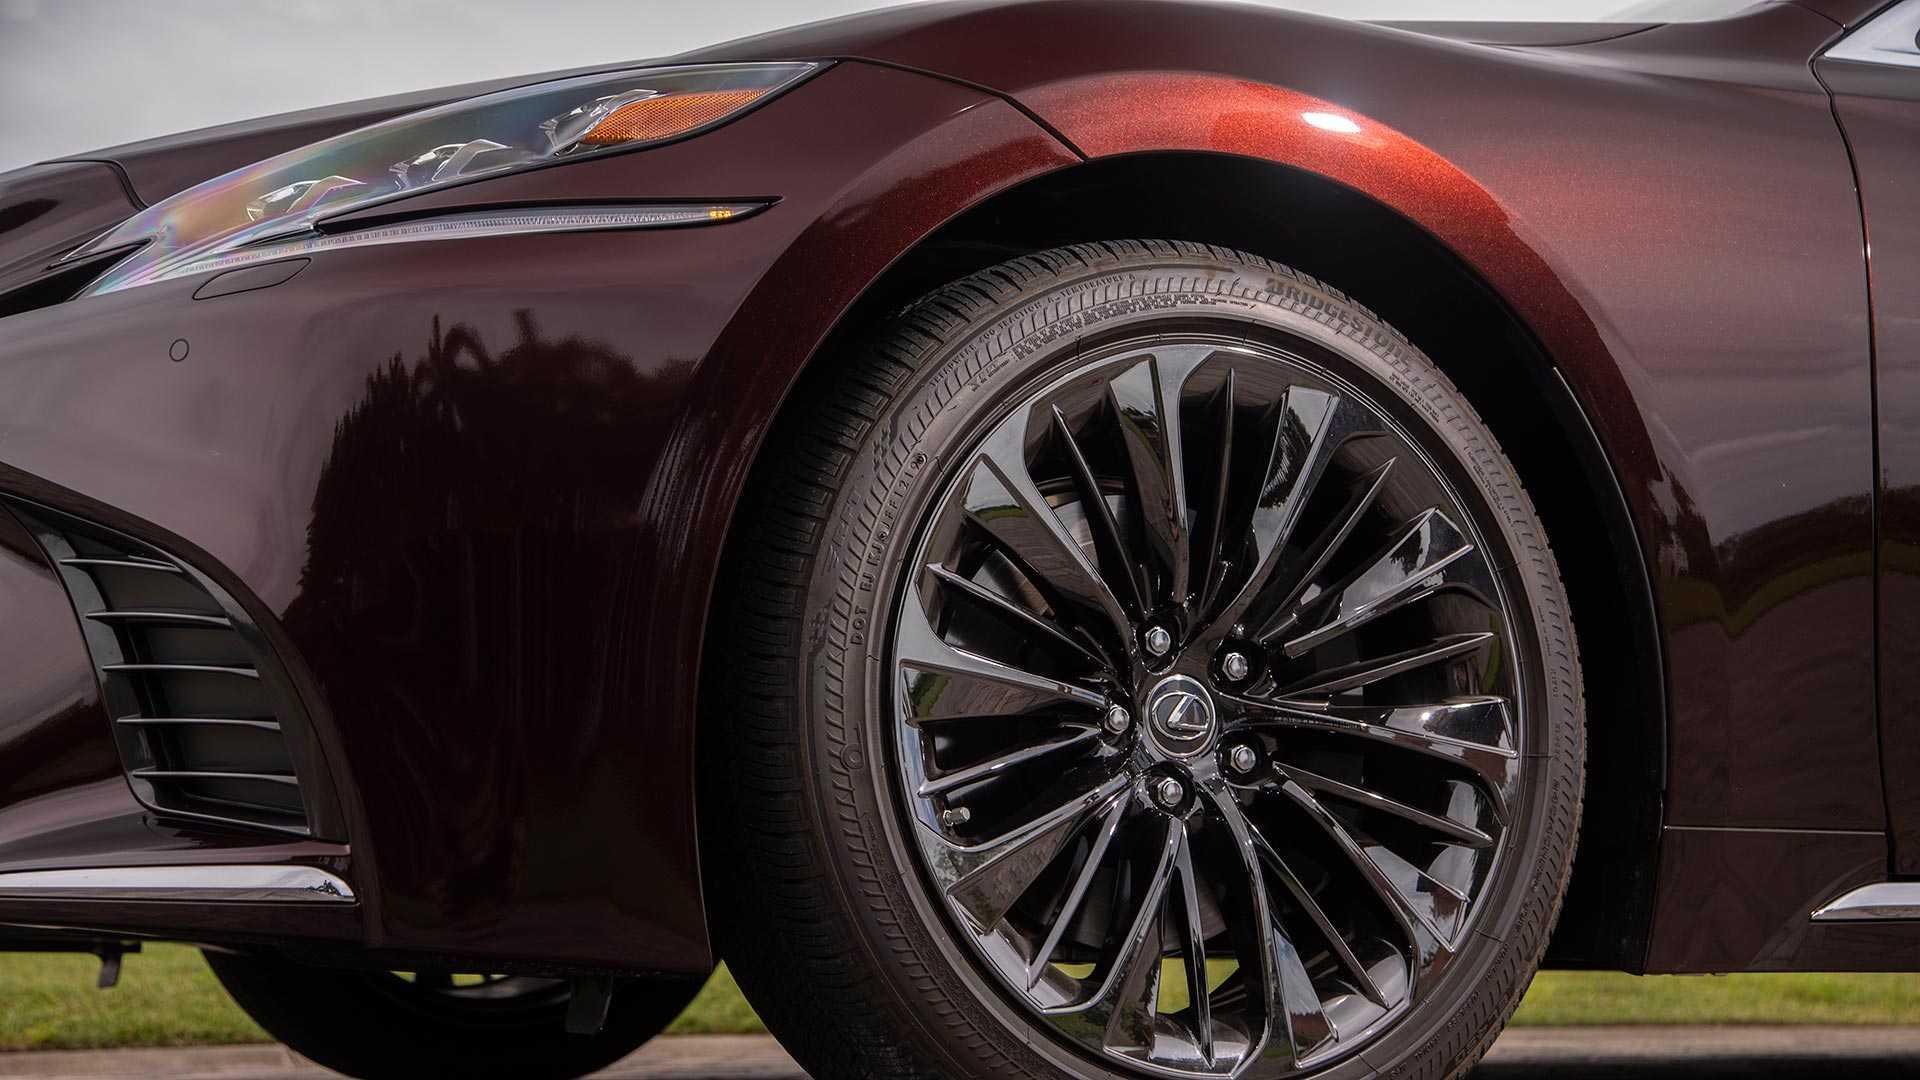 2020 Lexus LS 500 Inspiration Series Wheel Wallpapers (7)